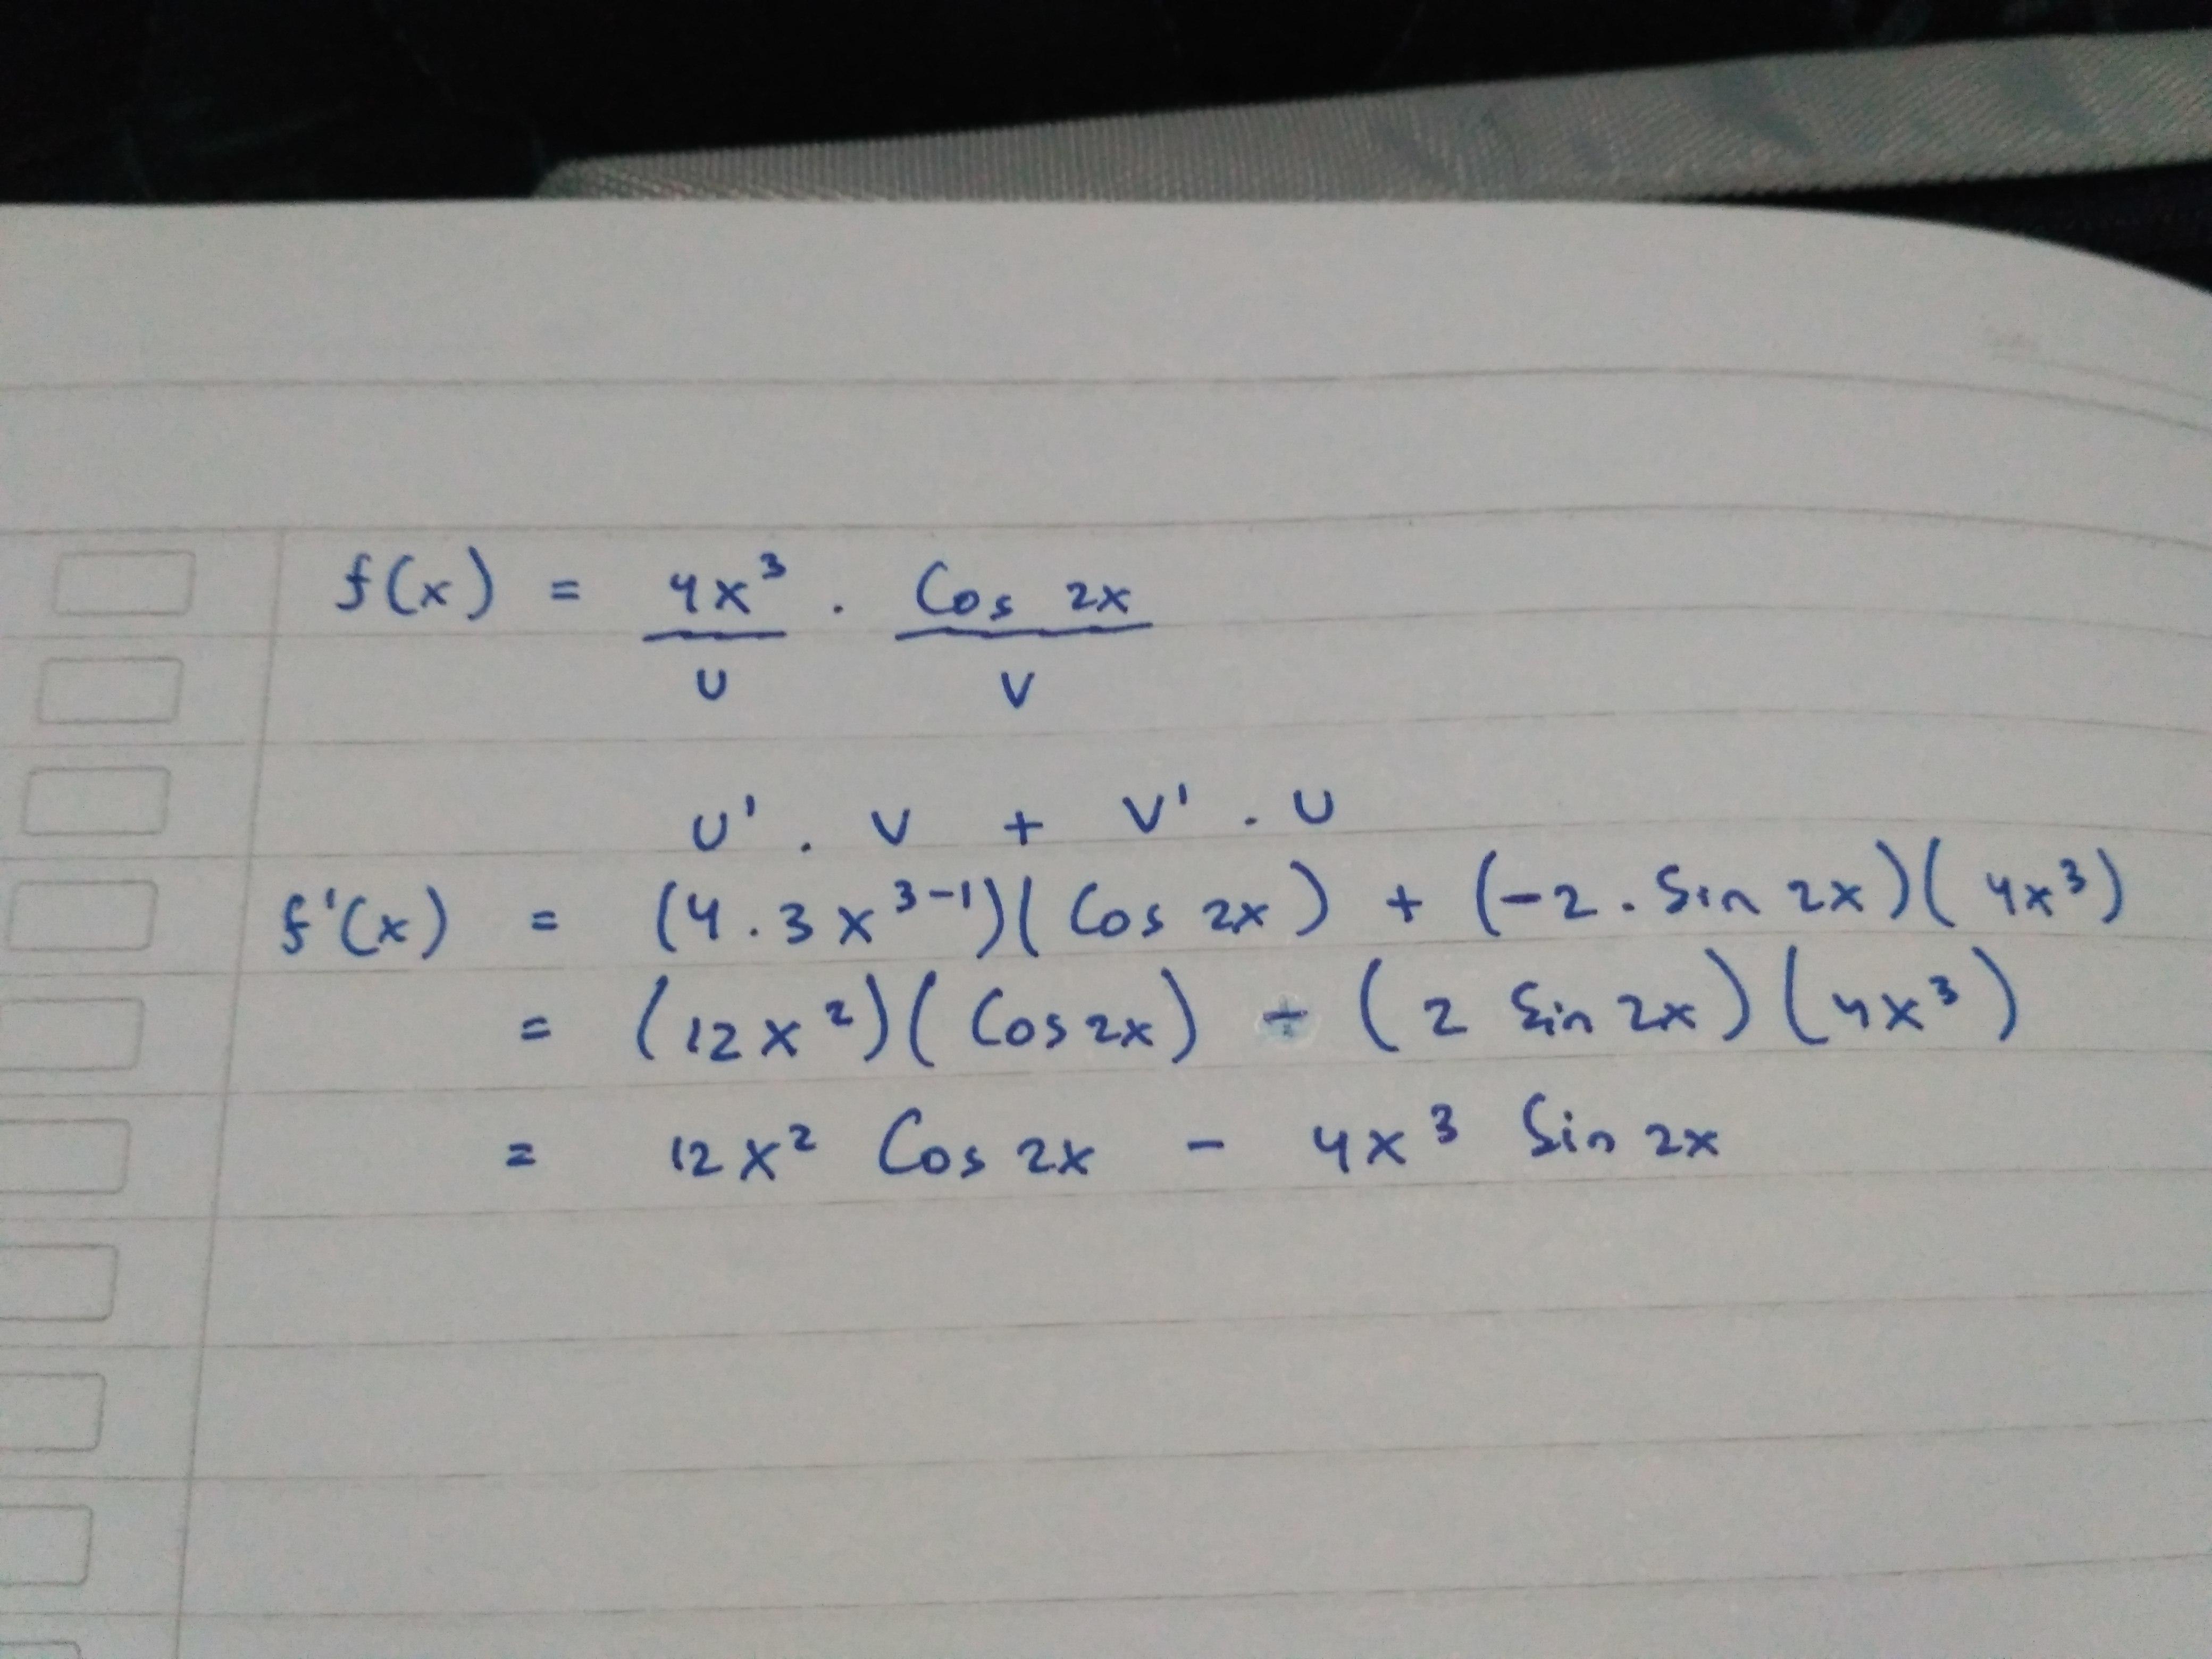 Tentukan turunan fungsi f(x)= 4x³ .cos 2x - Brainly.co.id